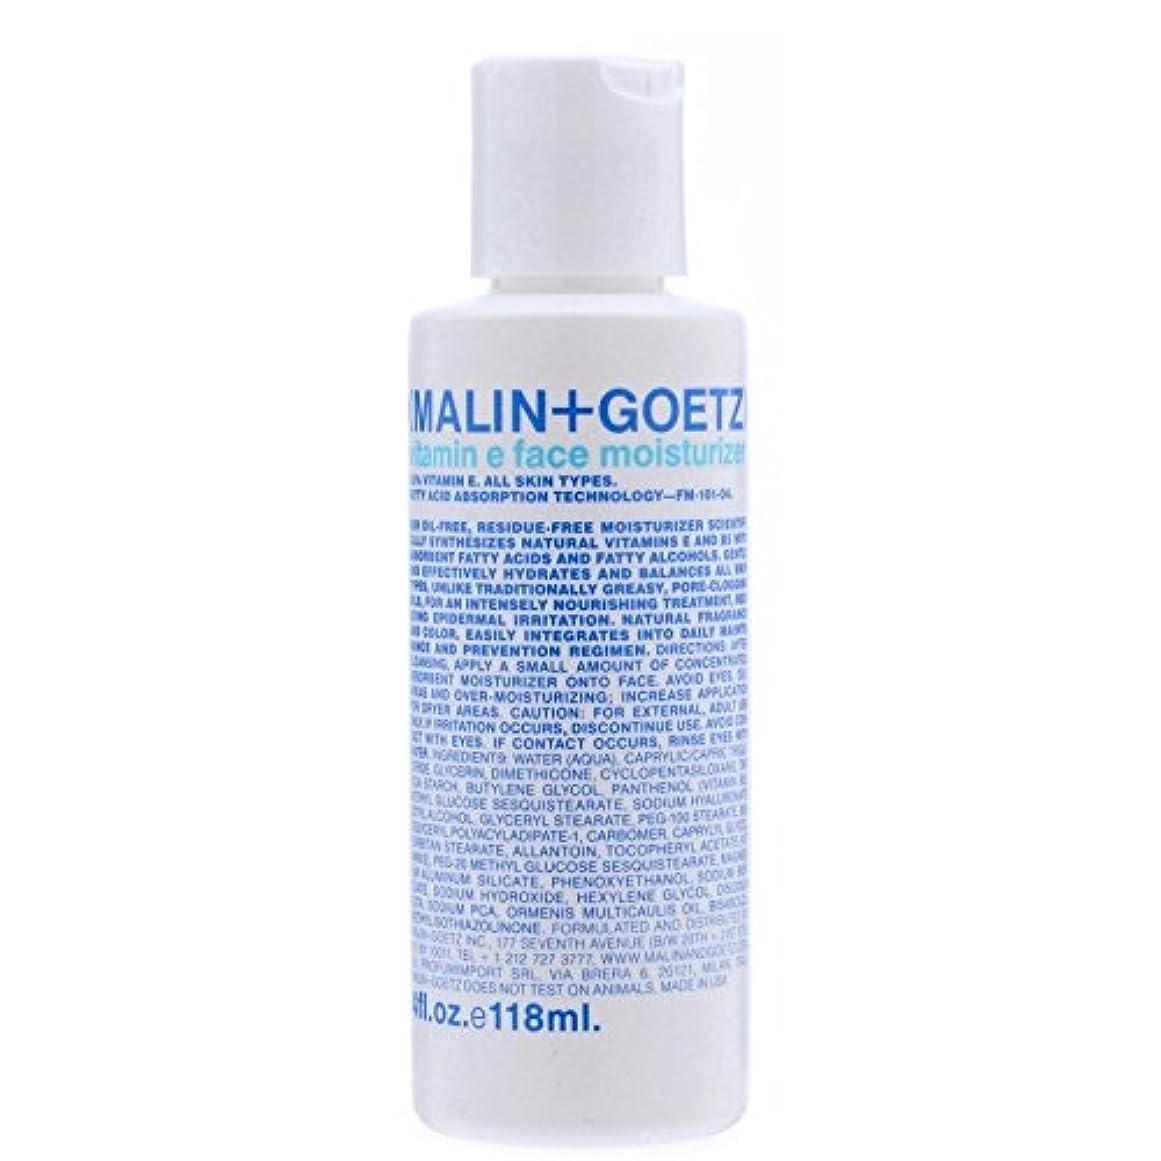 バーター継続中鉄道マリン+ゲッツビタミンの顔の保湿剤 x2 - MALIN+GOETZ Vitamin E Face Moisturiser (Pack of 2) [並行輸入品]